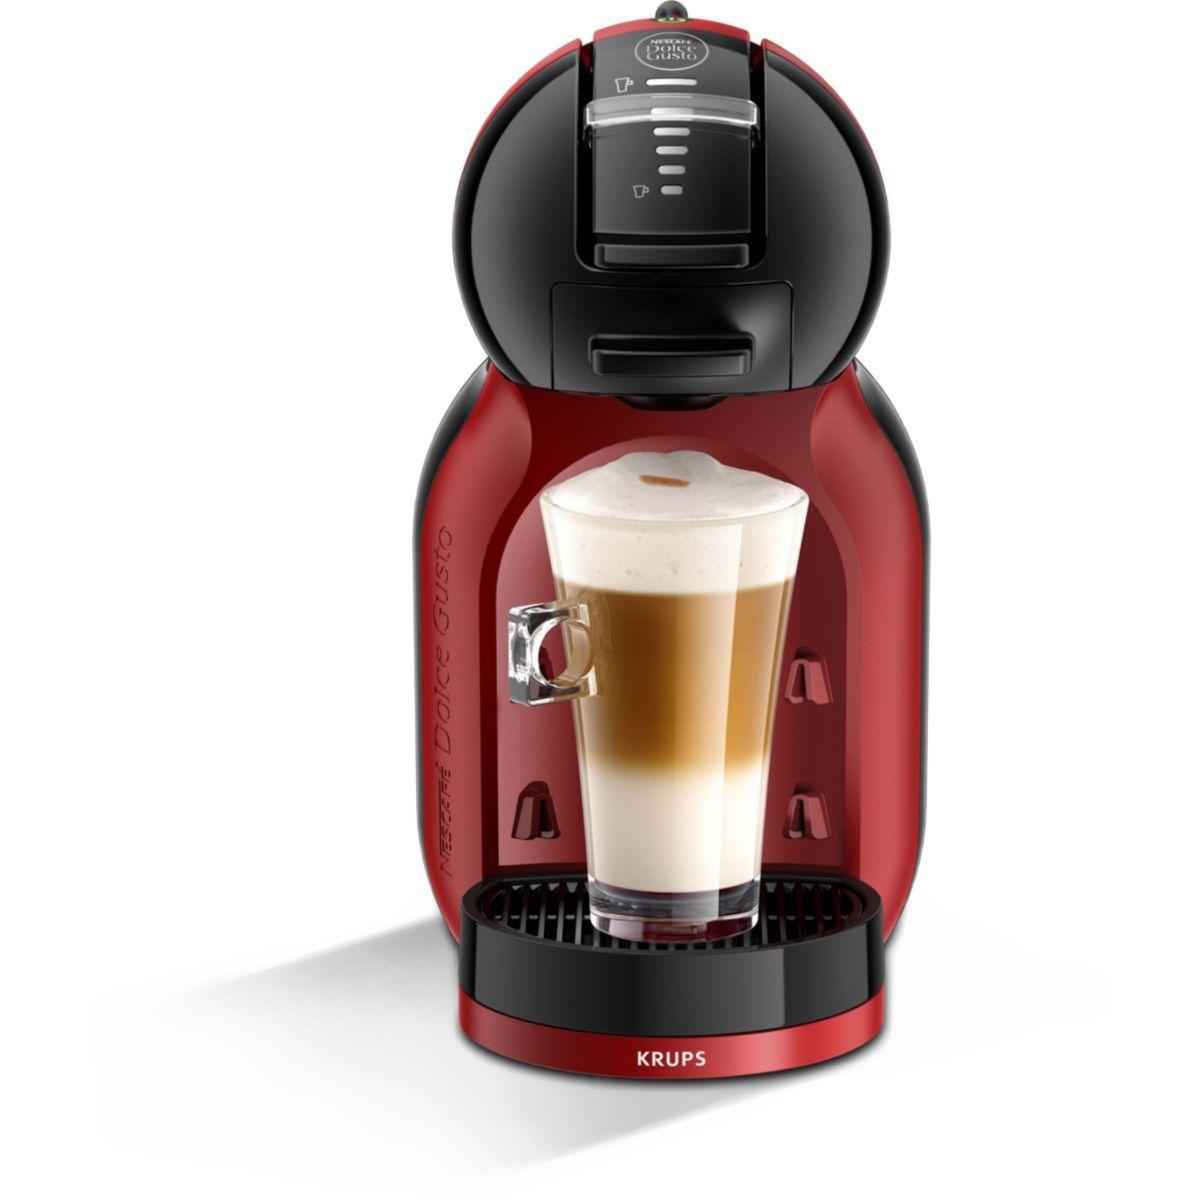 Dolce gusto krups mini me yy2749fd rouge et noire - livraison offerte : code premium (photo)